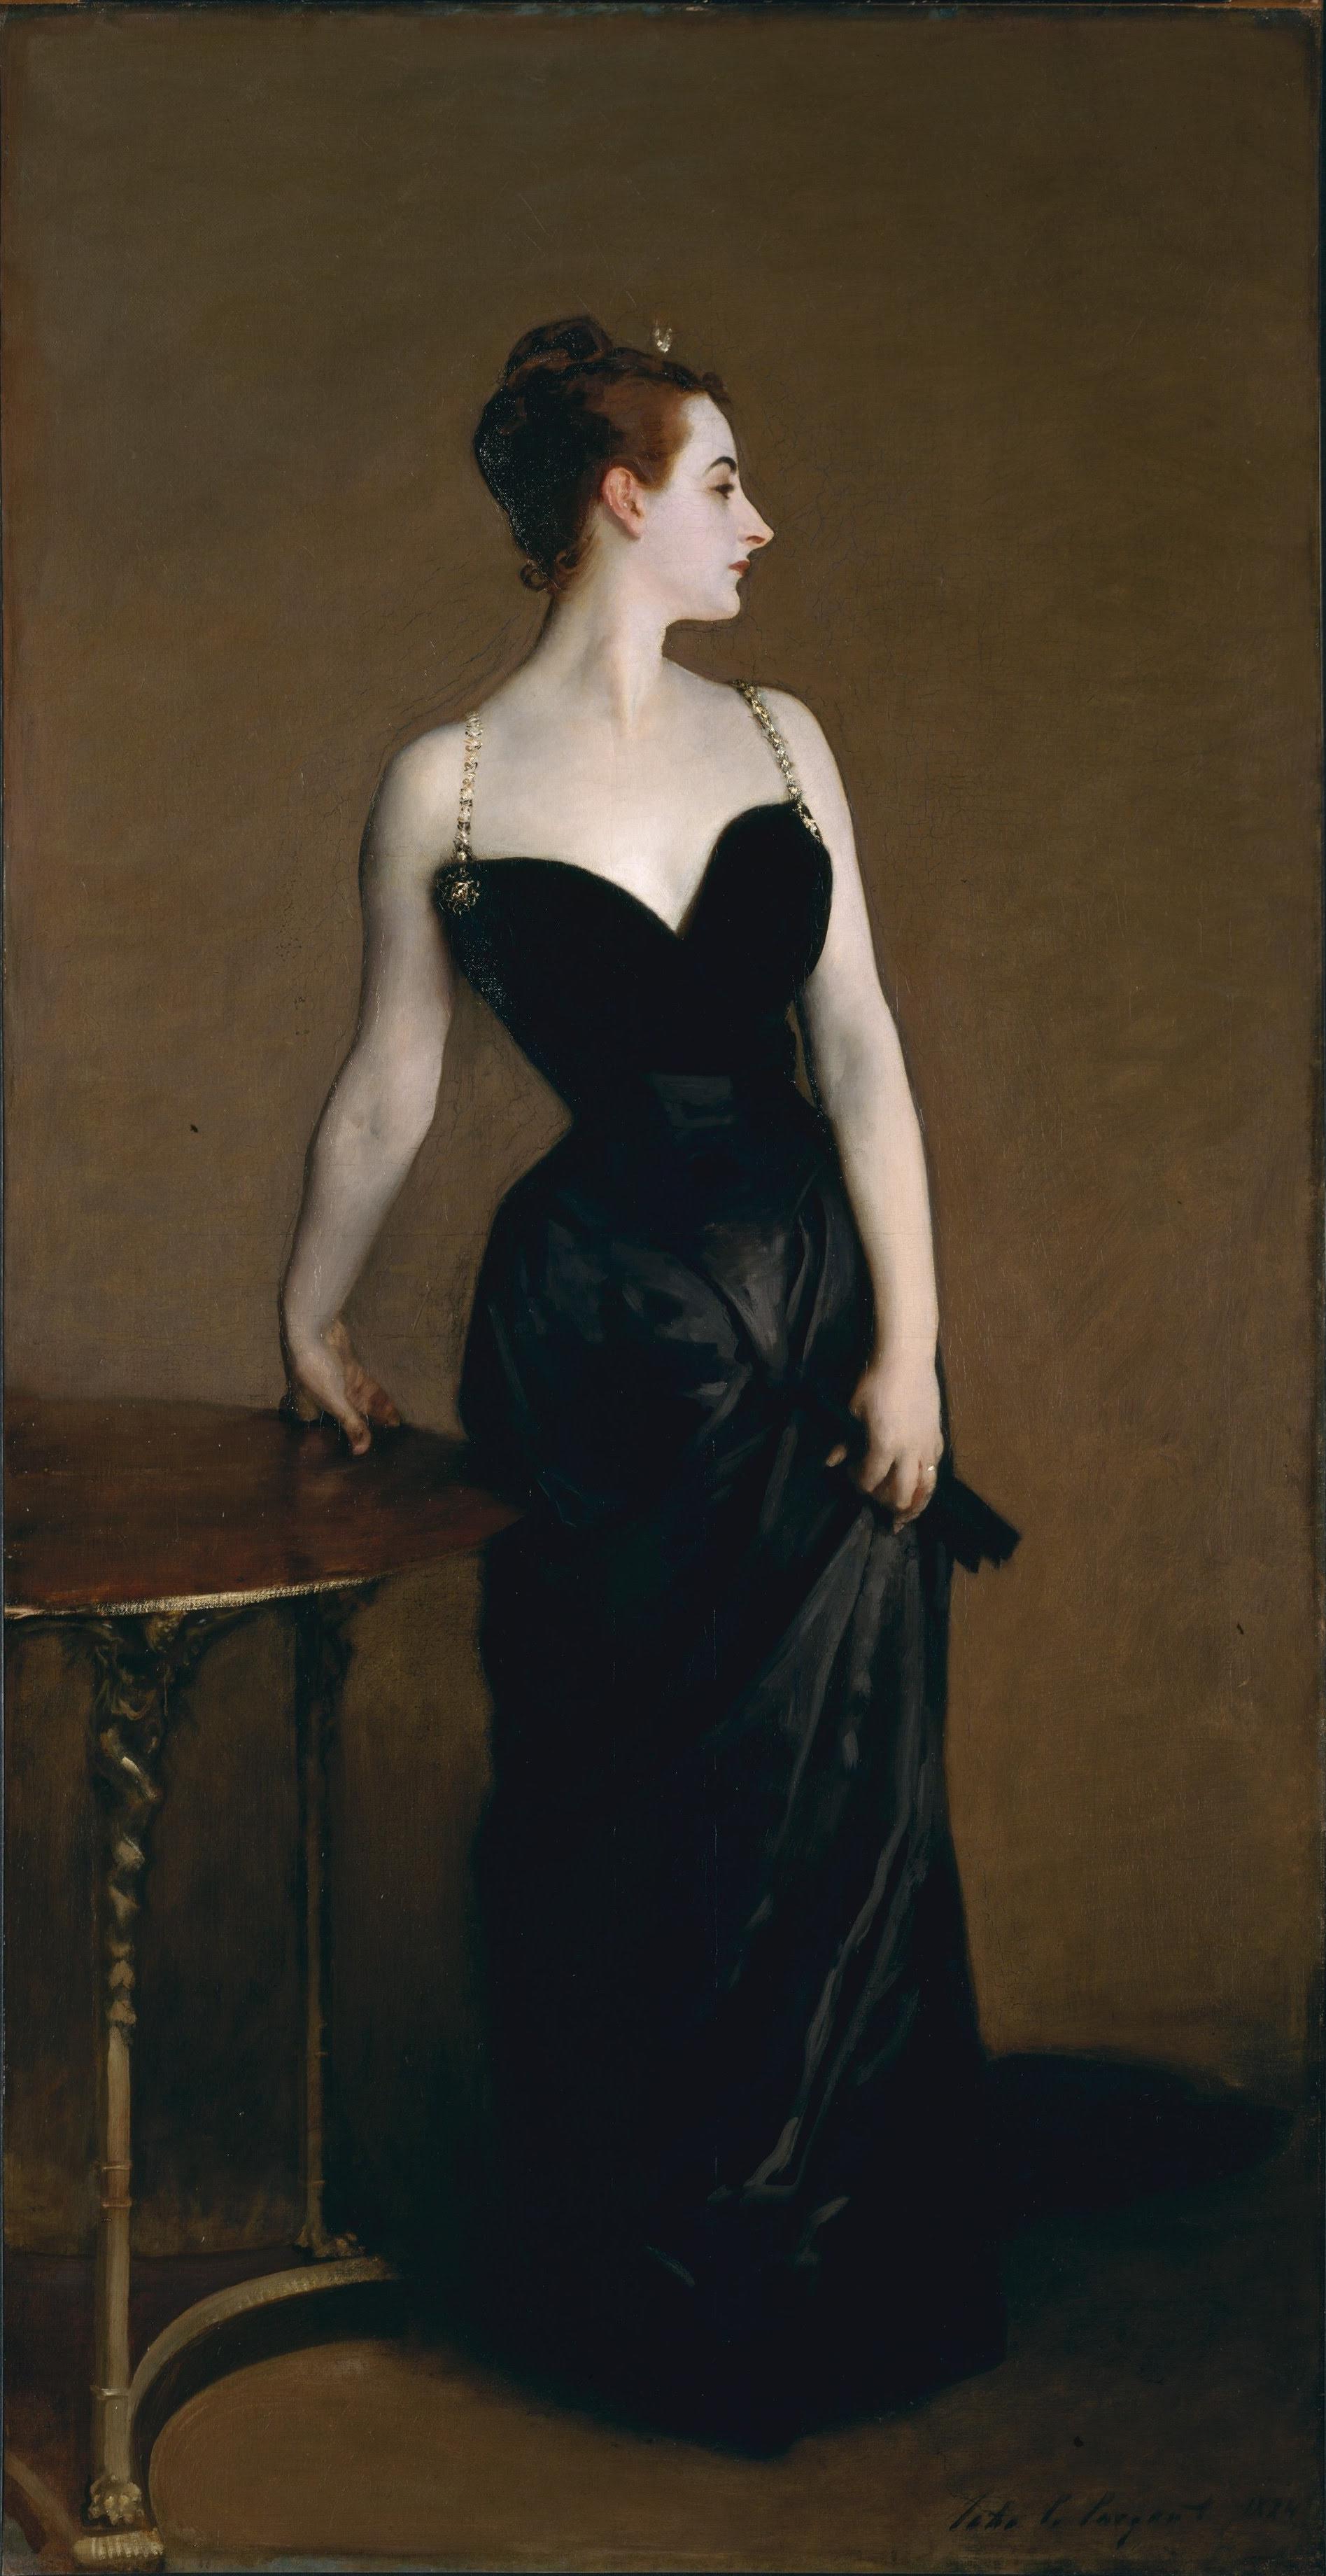 Madame_X_(Madame_Pierre_Gautreau),_John_Singer_Sargent,_1884_(unfree_frame_crop) -